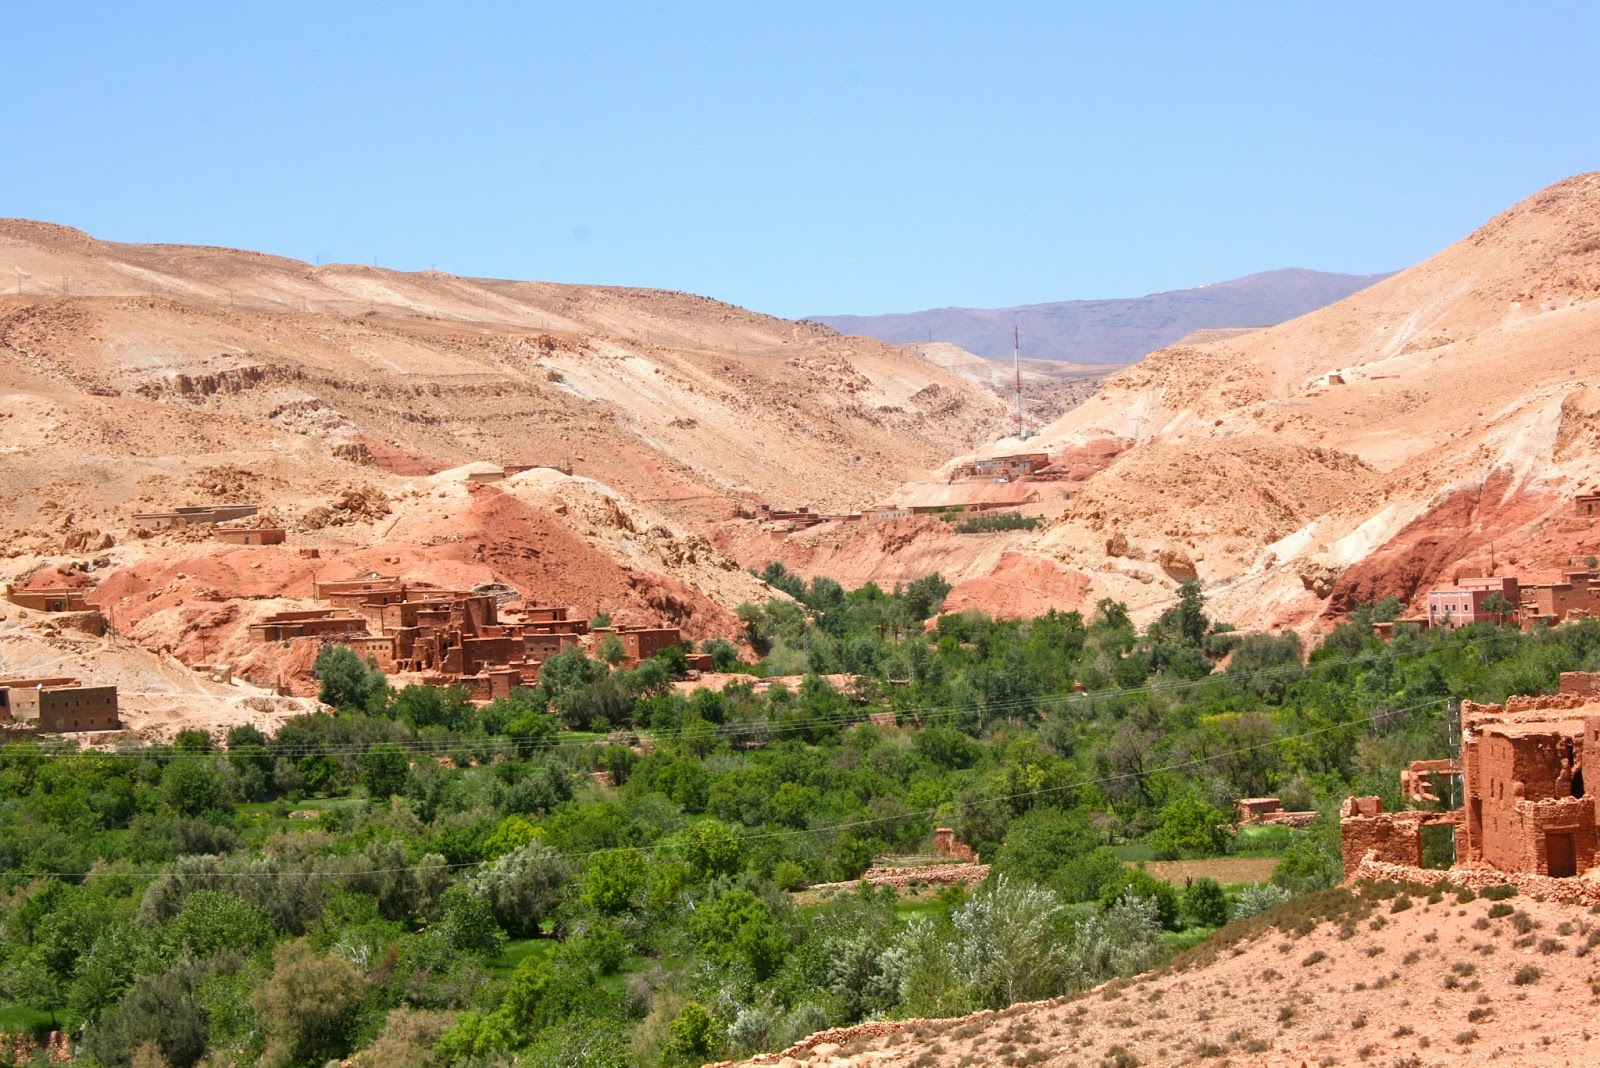 Marrakech, luna del sur, marruecos, viajar, aventura, alojamiento en el desierto